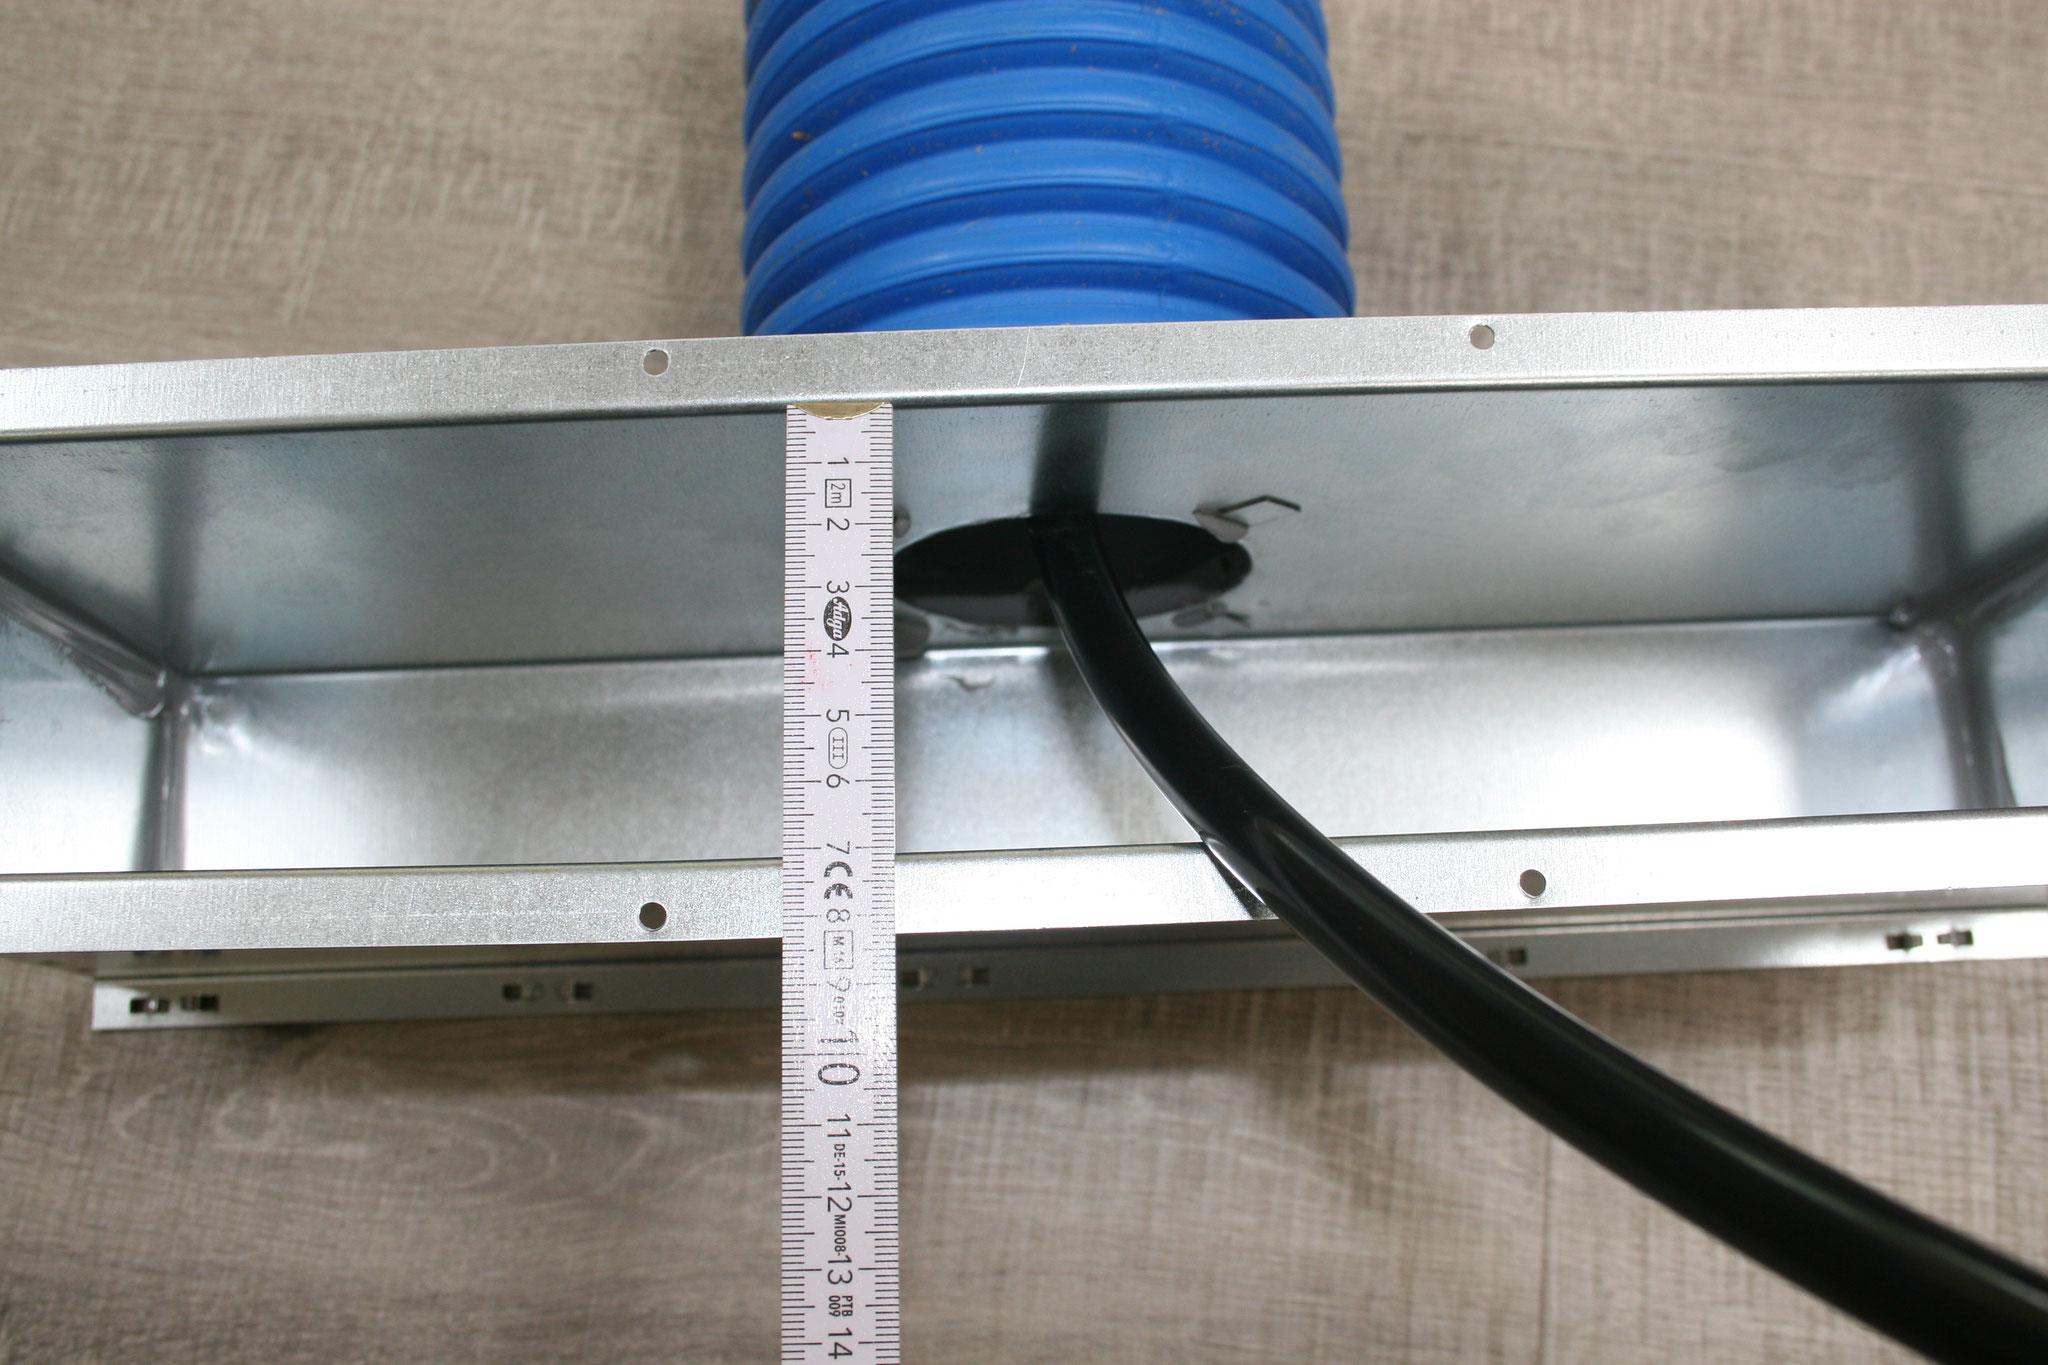 Auch via engste Gitter von 7cm Breite können die Leitungen problemlos und spielend gereinigt werden, dank der hochflexiblen Welle